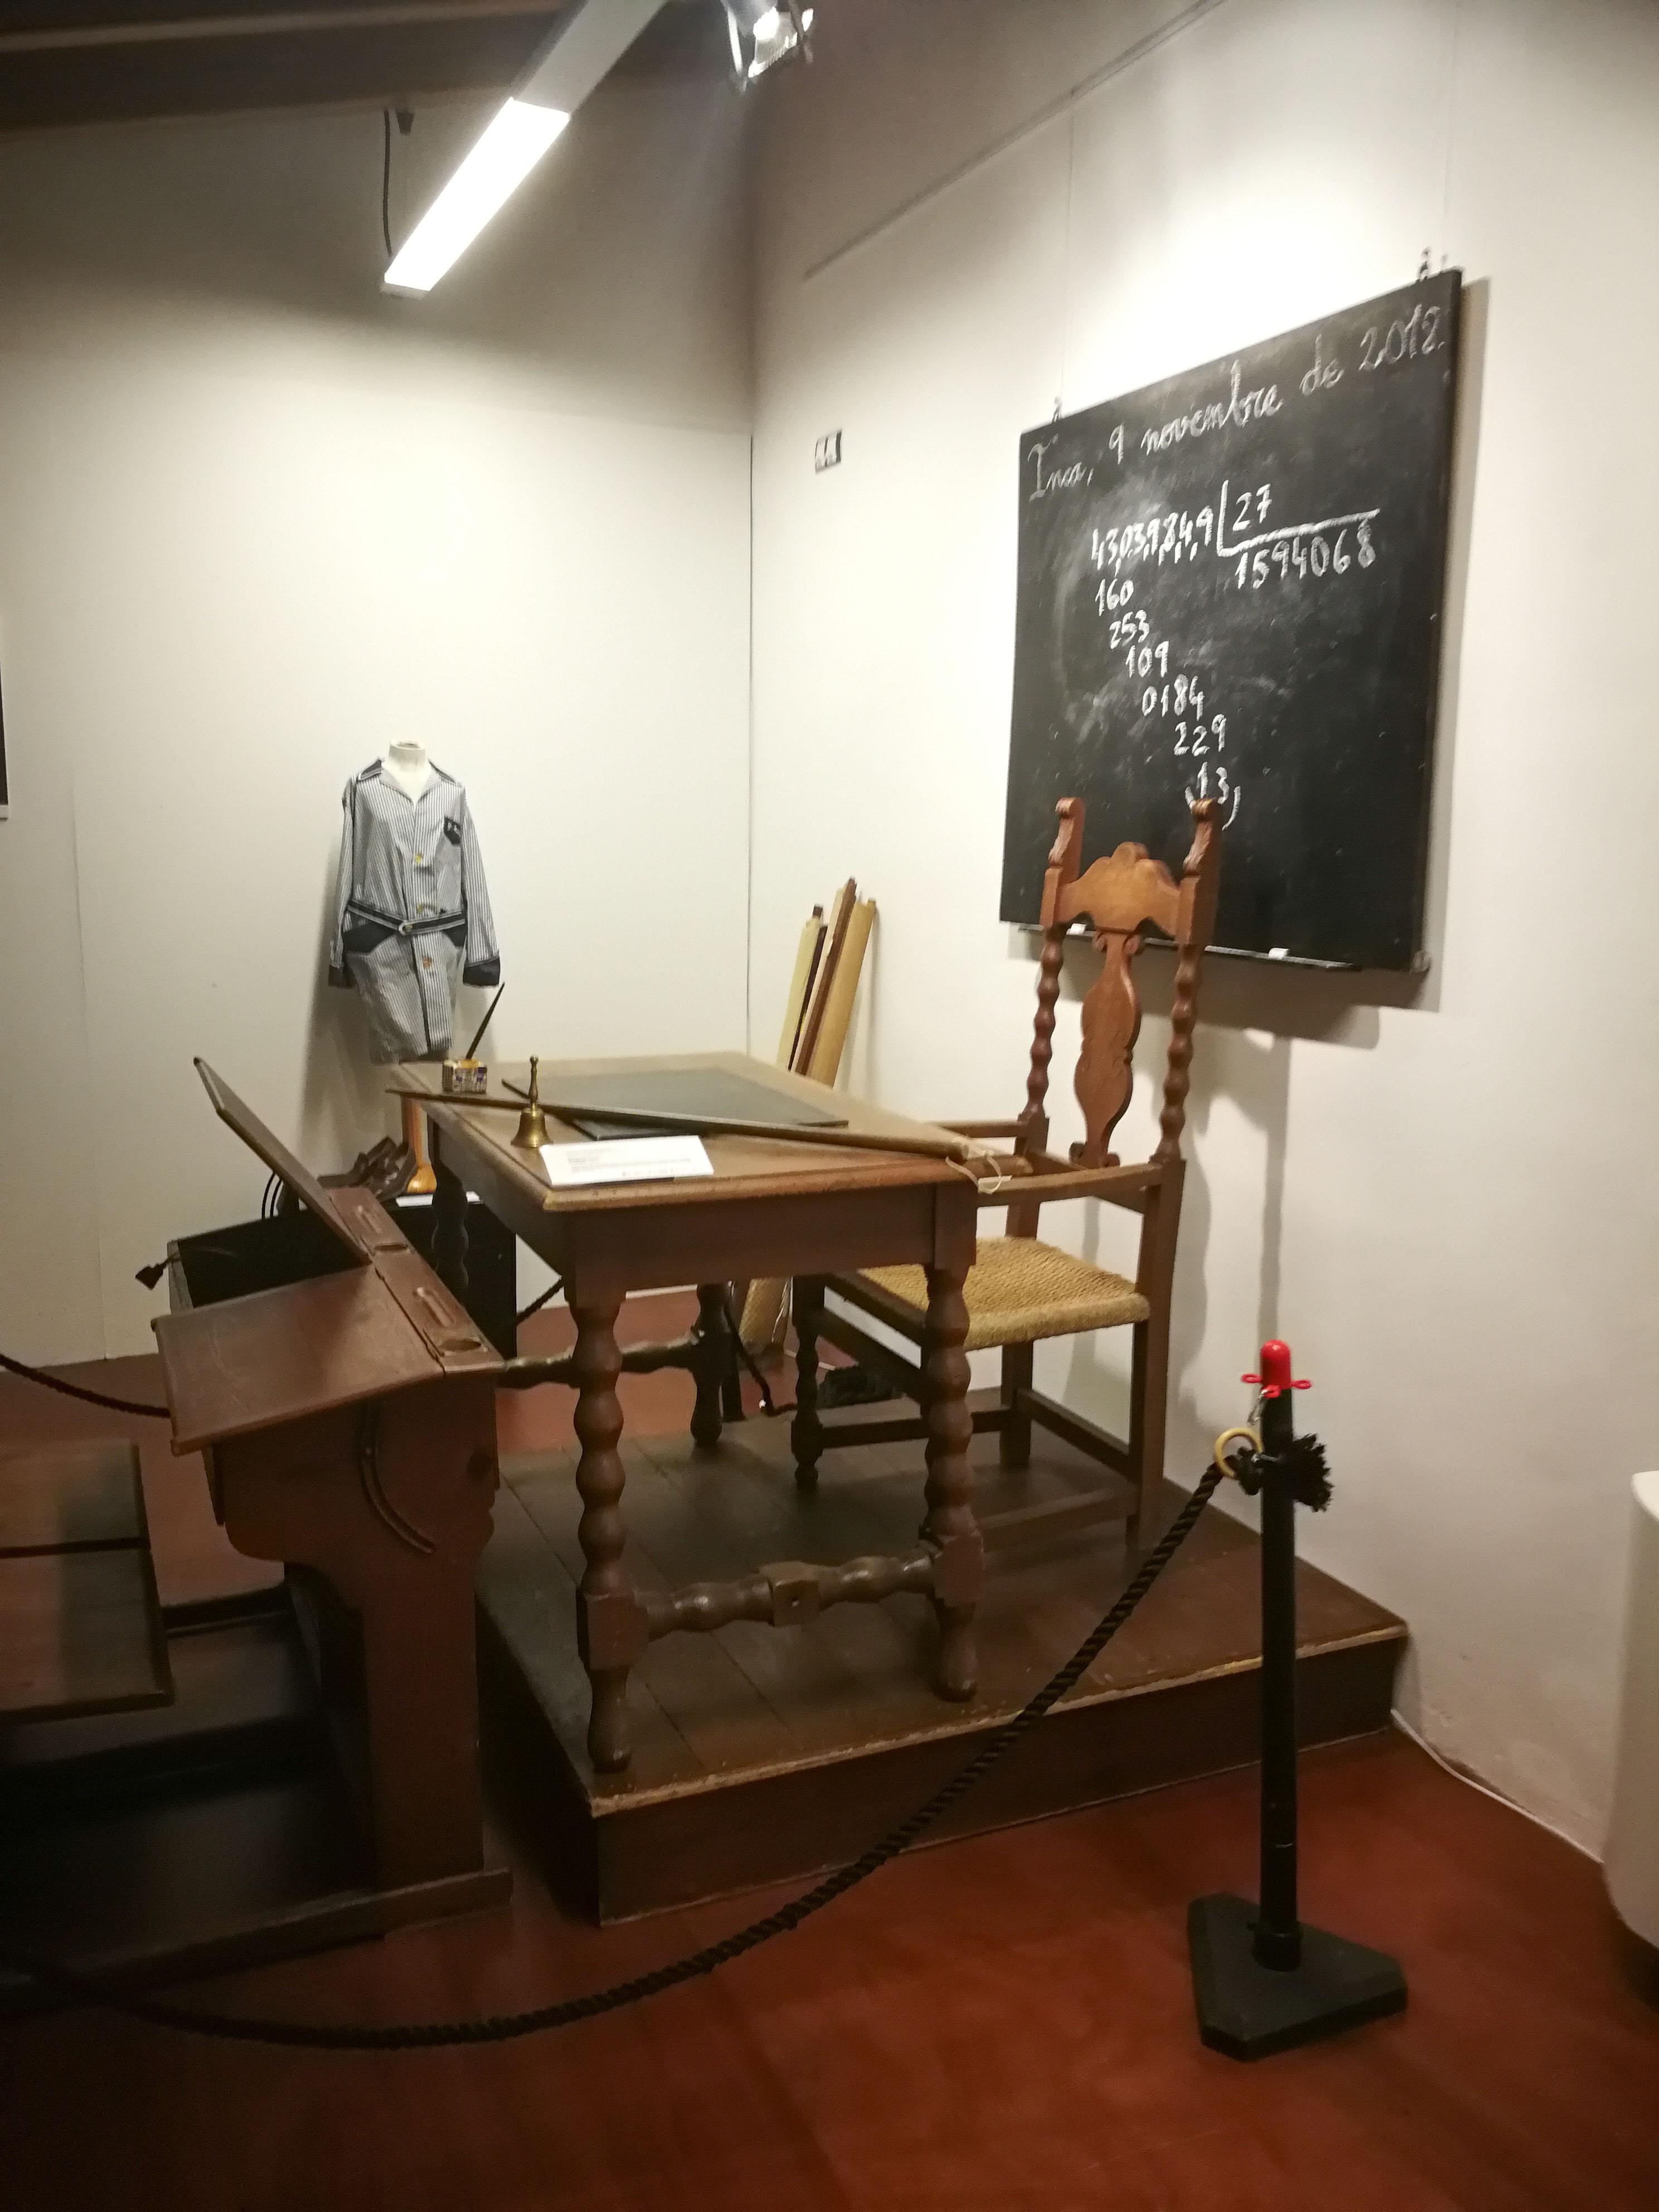 La practica educativa_PalmadiMaiorca-194610